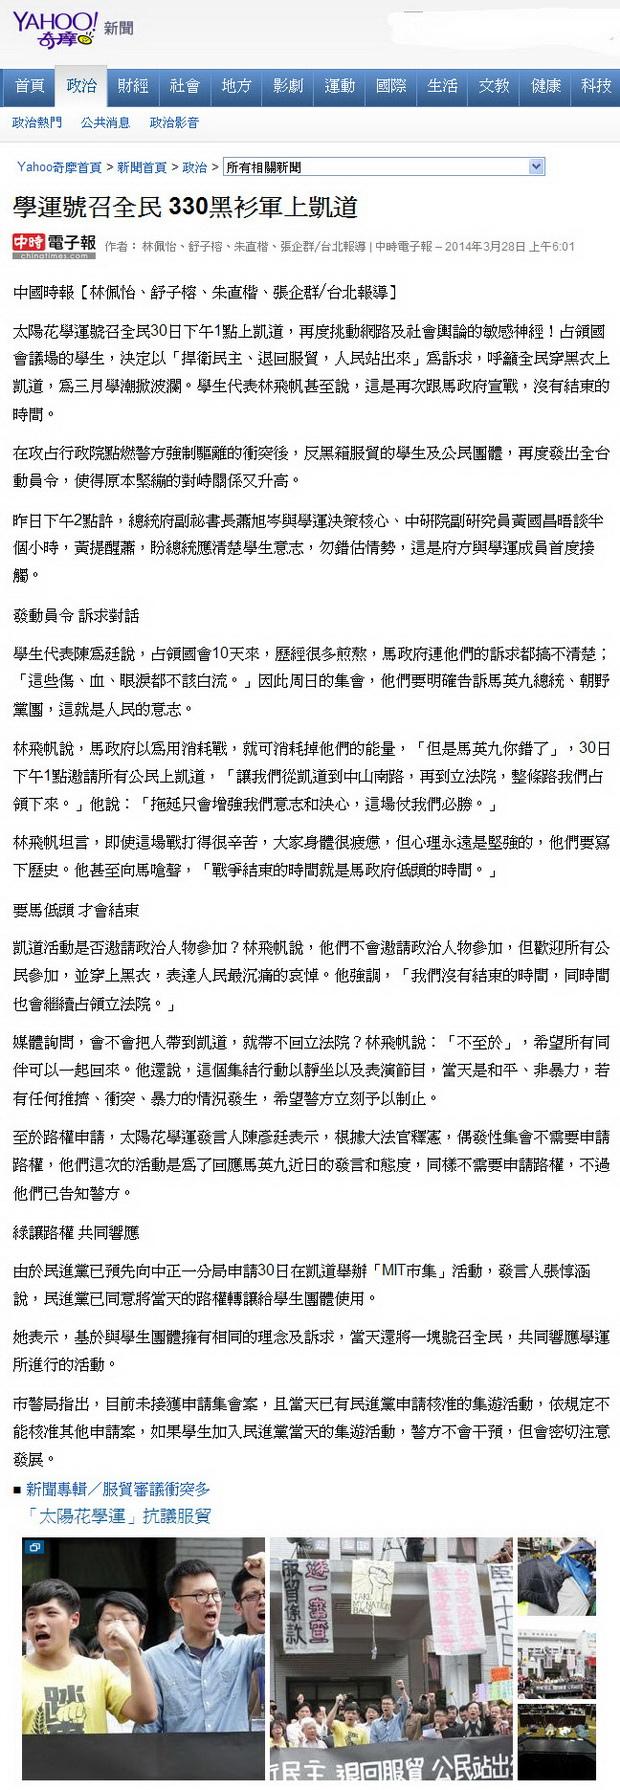 學運號召全民 330黑衫軍上凱道-2014.03.28.jpg